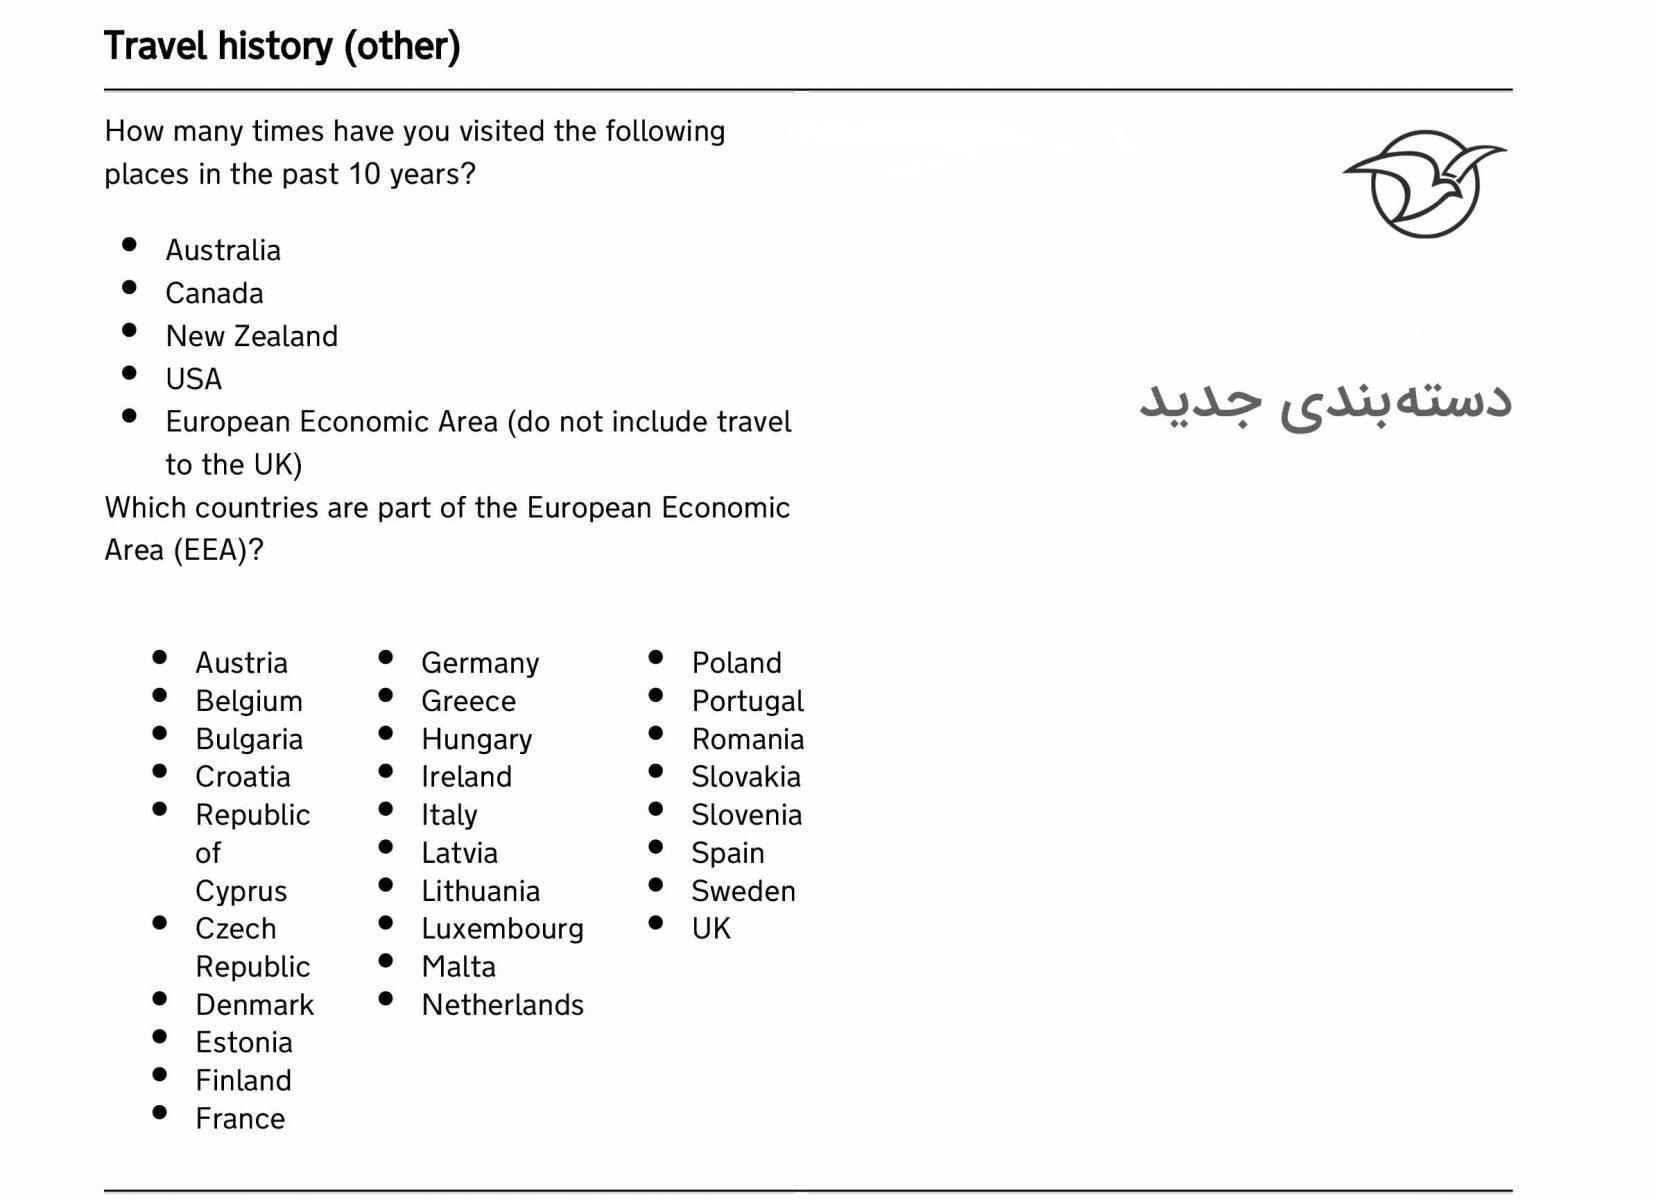 عصر ویزا لیست جدید کشورهای منطقه اقتصادی اروپا در فرم وقت سفارت انگلیس